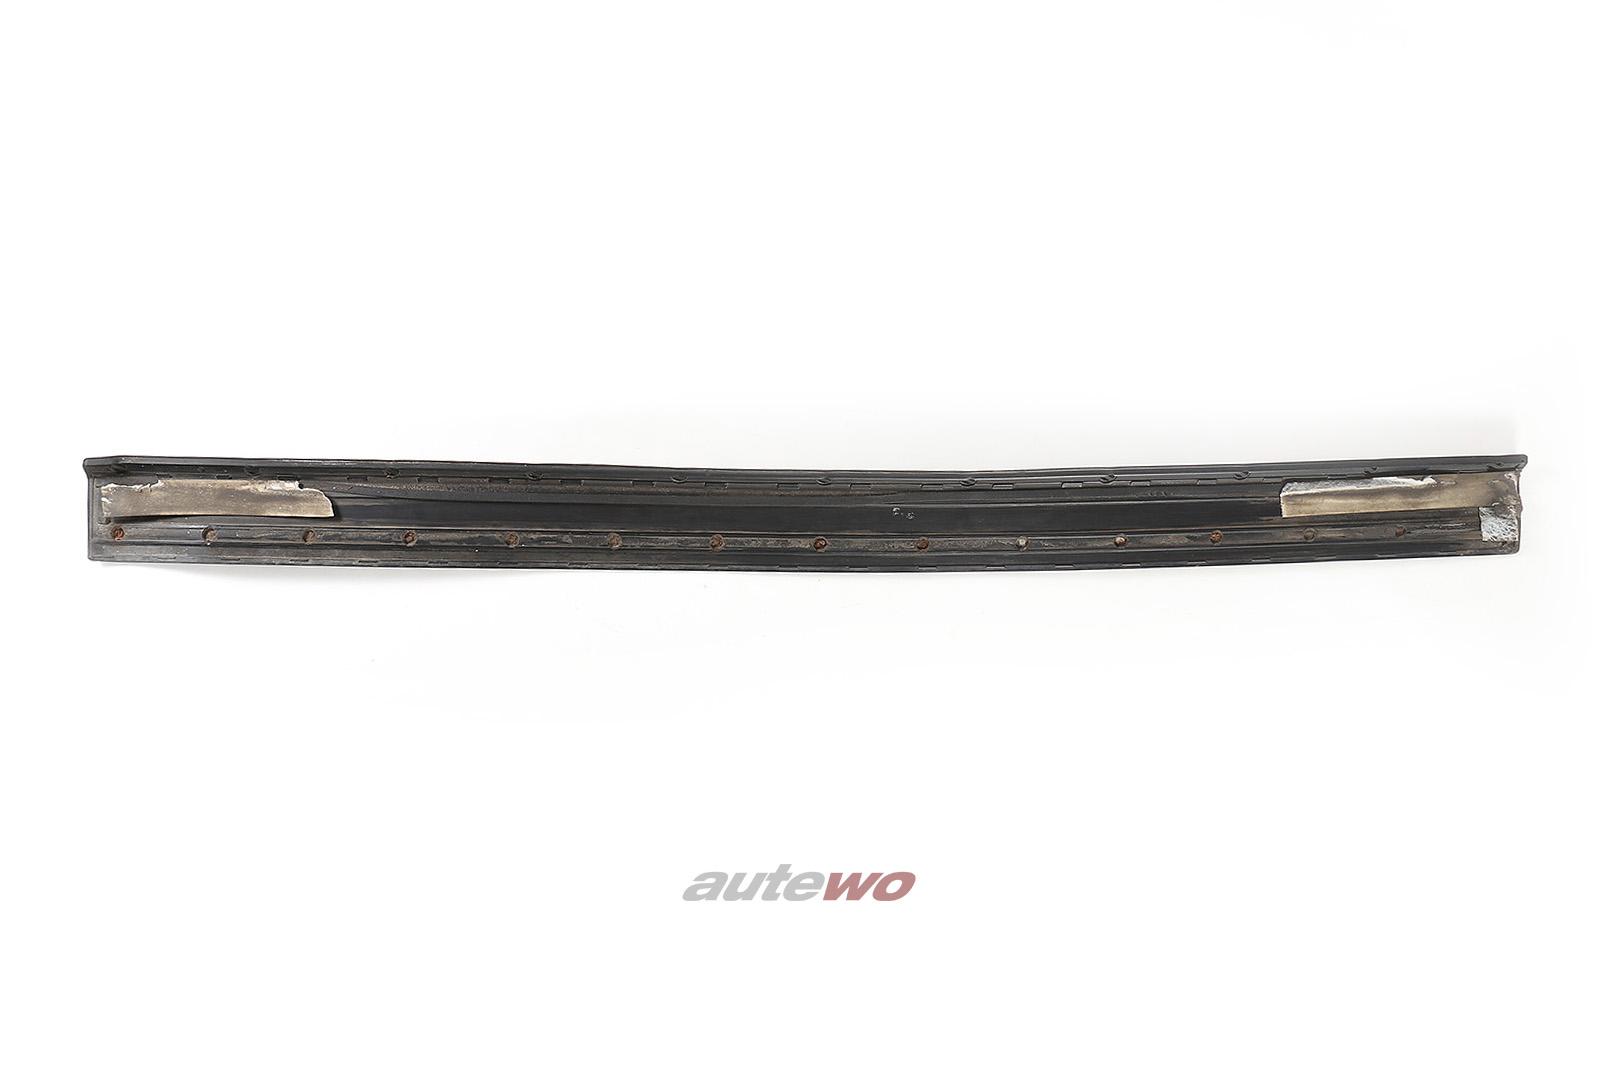 813853958F Audi 90 Typ 81/85 Schutzleiste Tür + Zierleiste Vorne Rechts